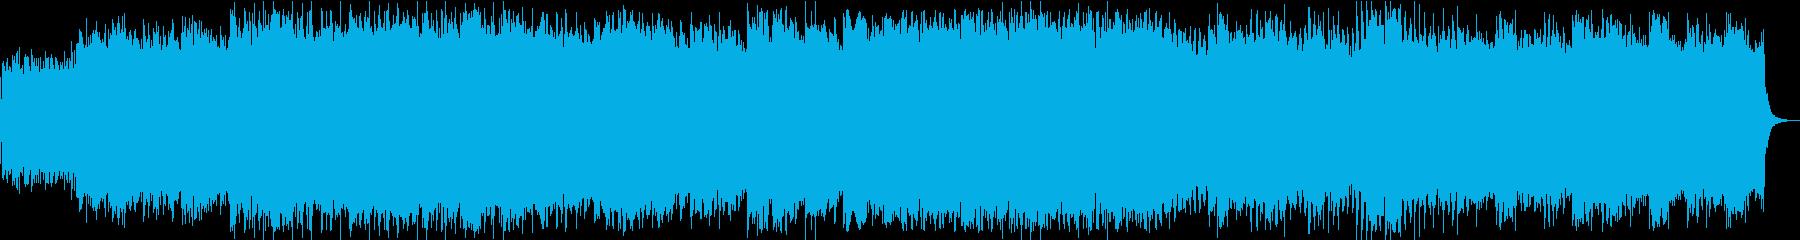 ギターのハーモニクスが綺麗なテクノポップの再生済みの波形